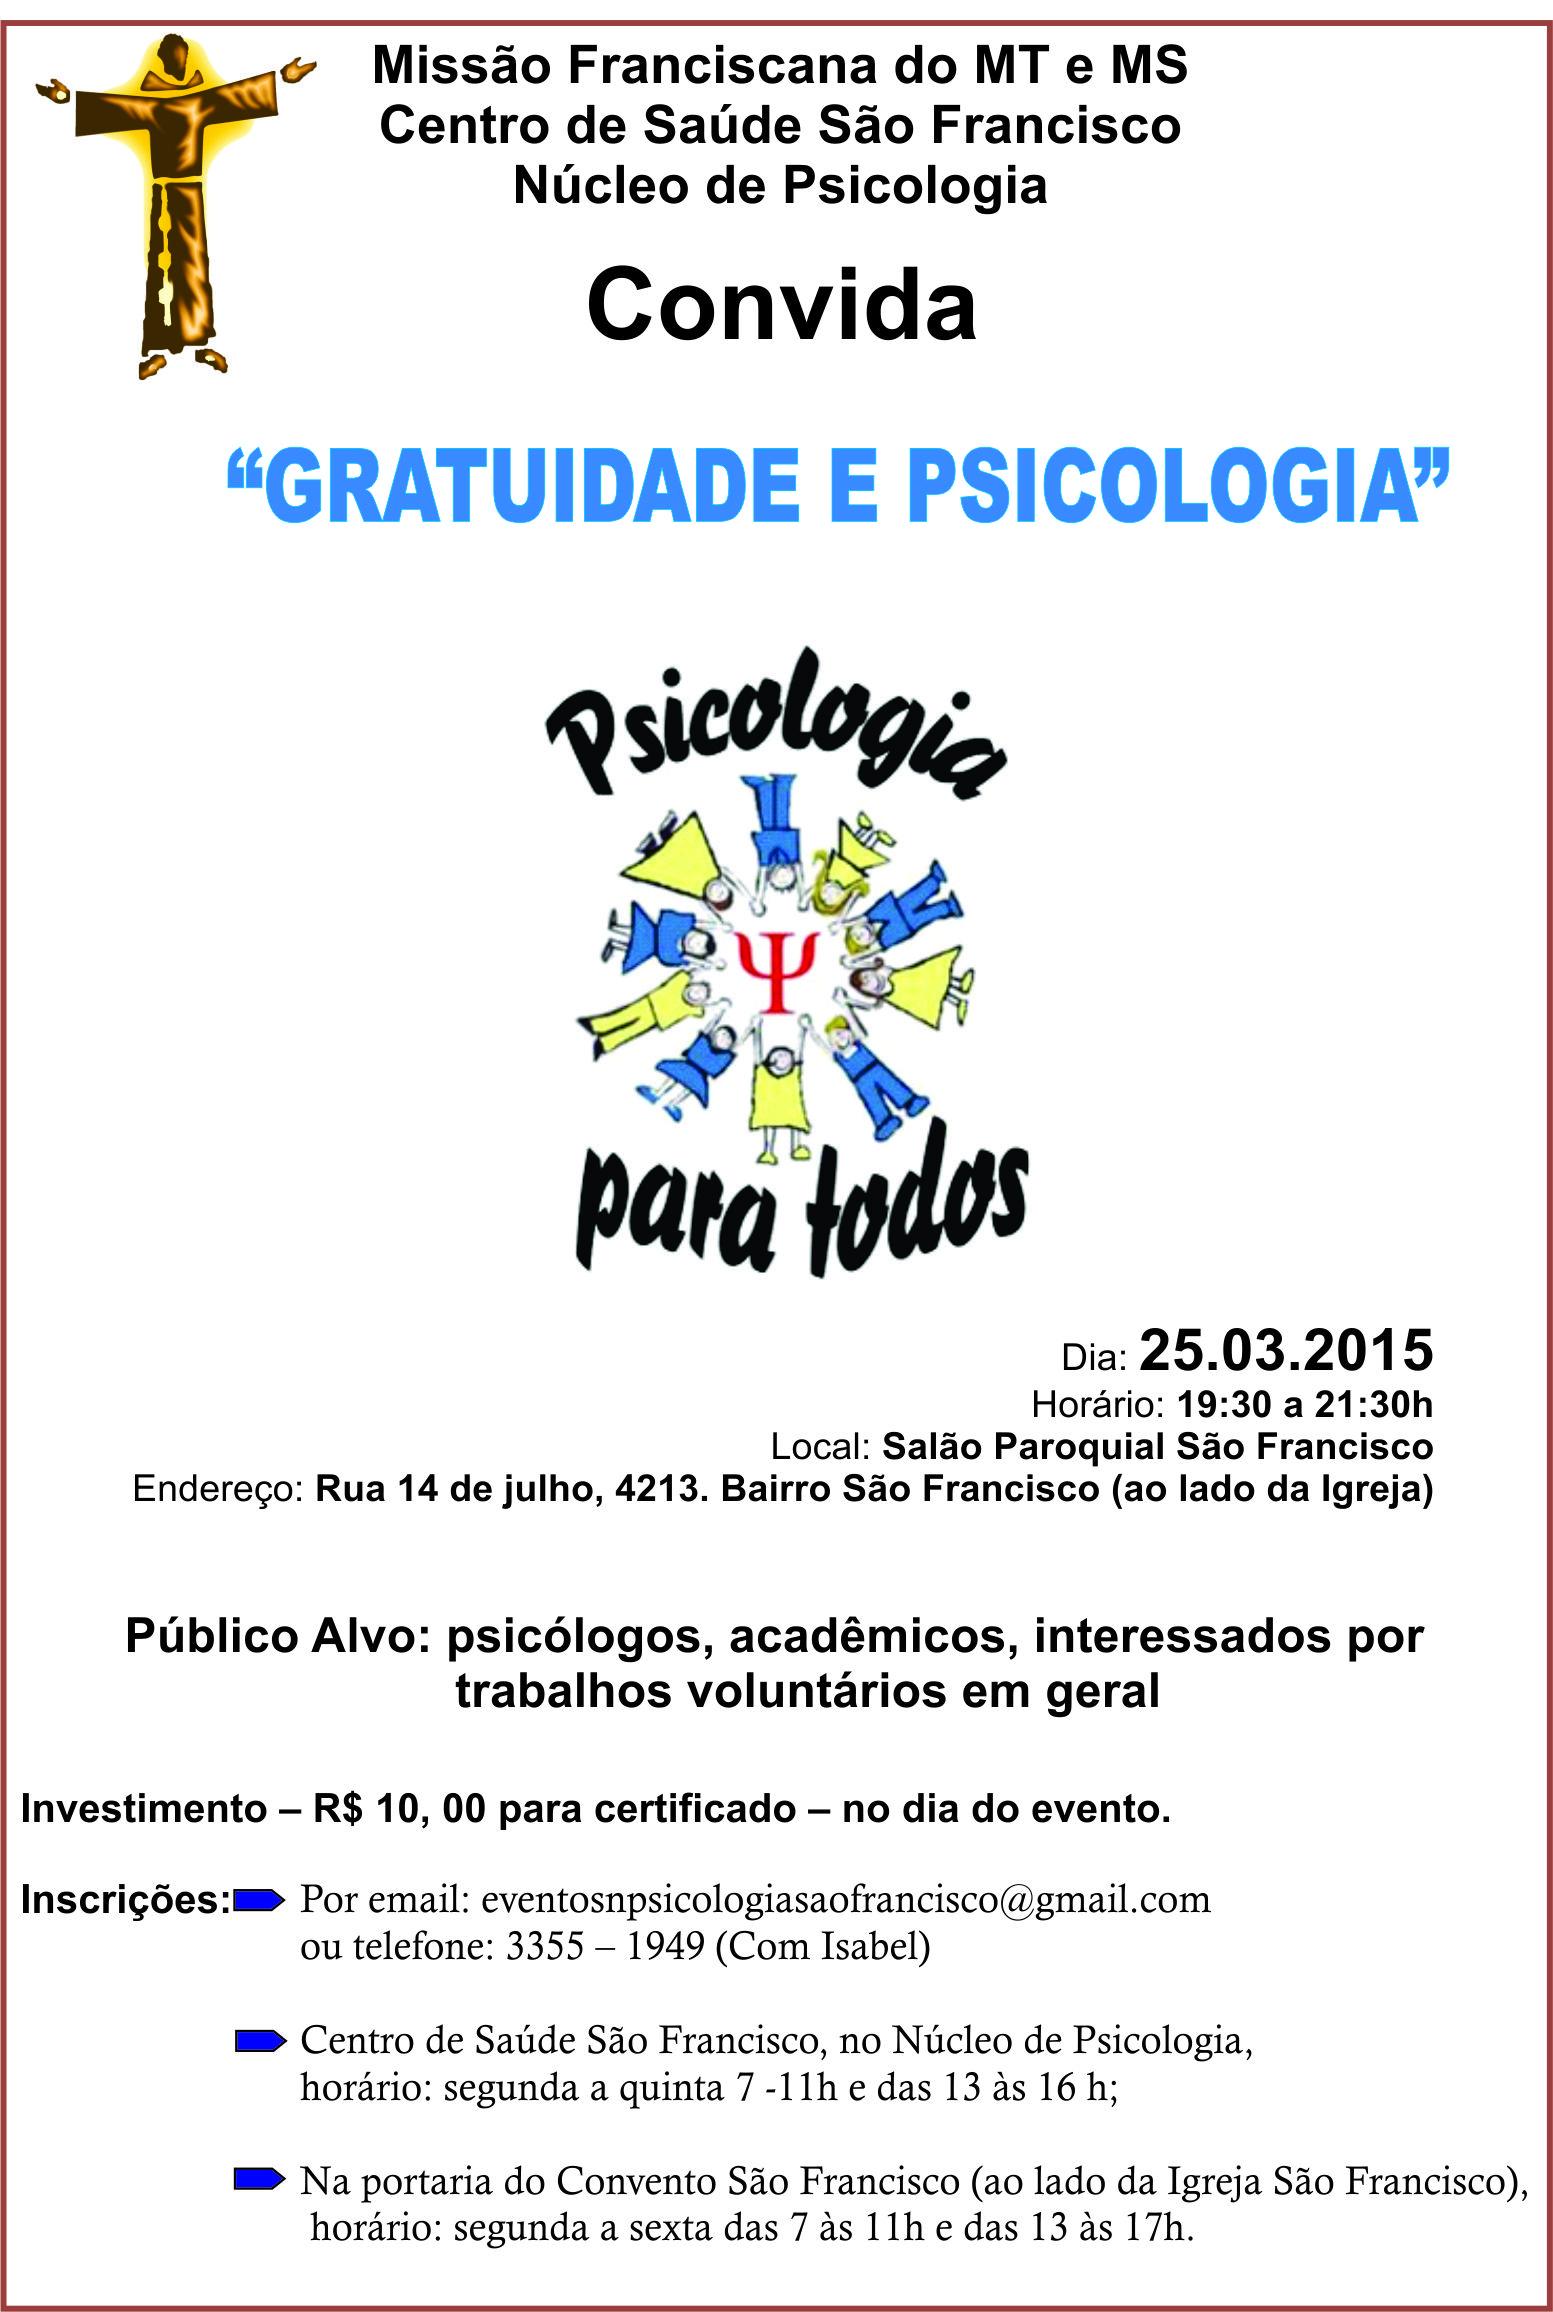 GRATUIDADE E PSICOLOGIA